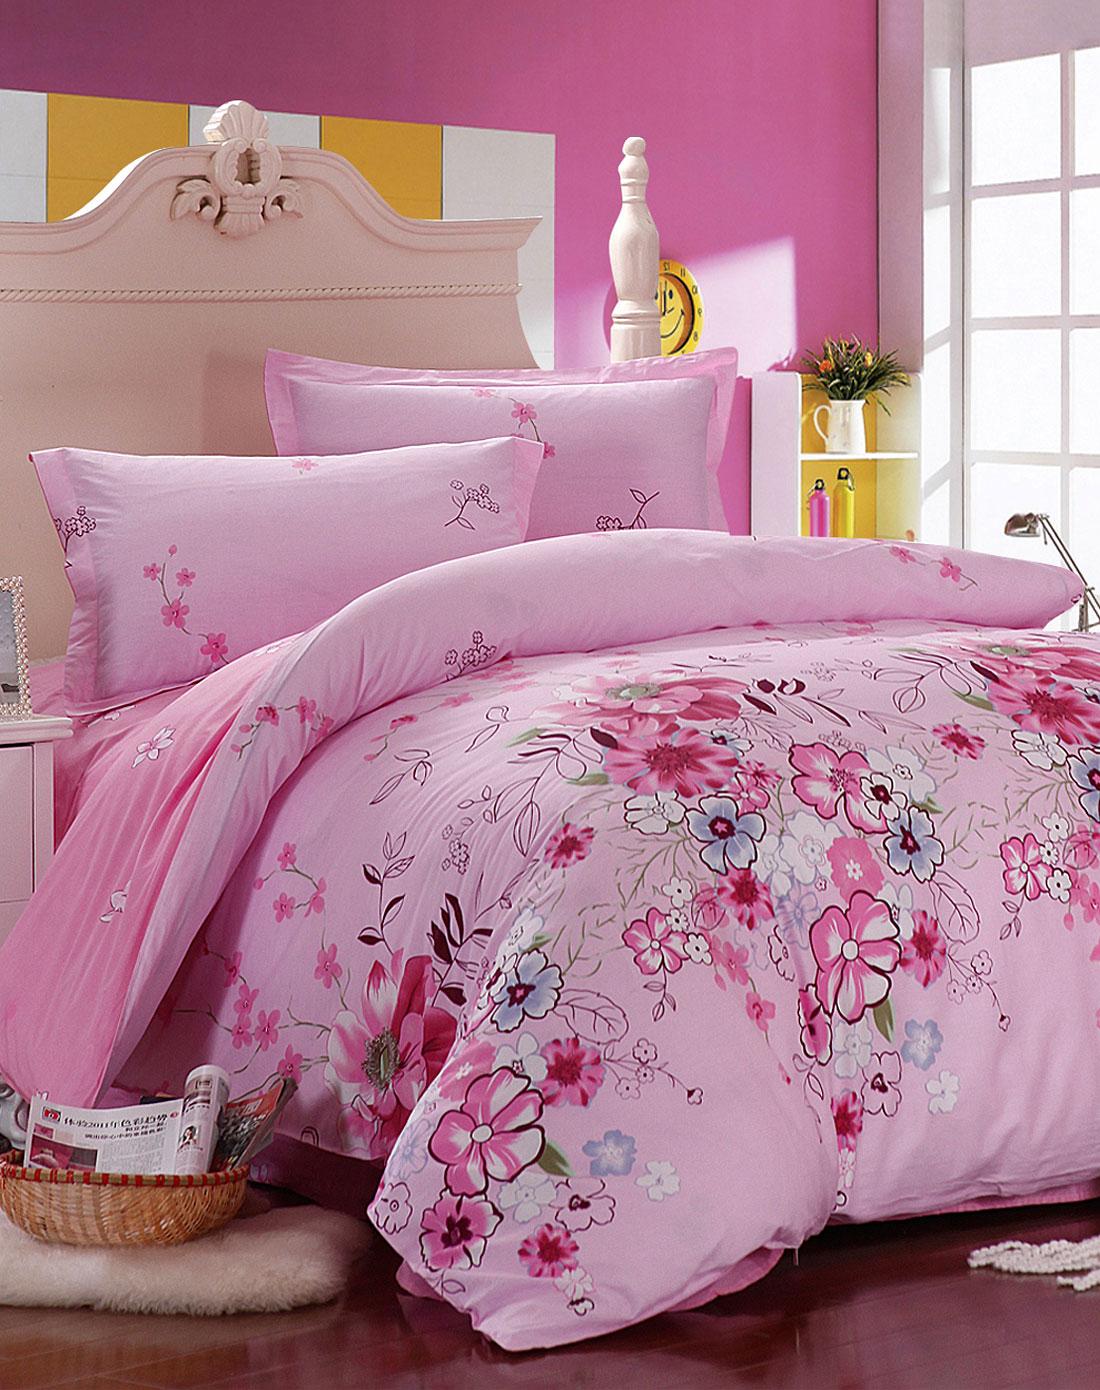 丝曼琳家纺全棉环保印花四件套-粉色浪漫